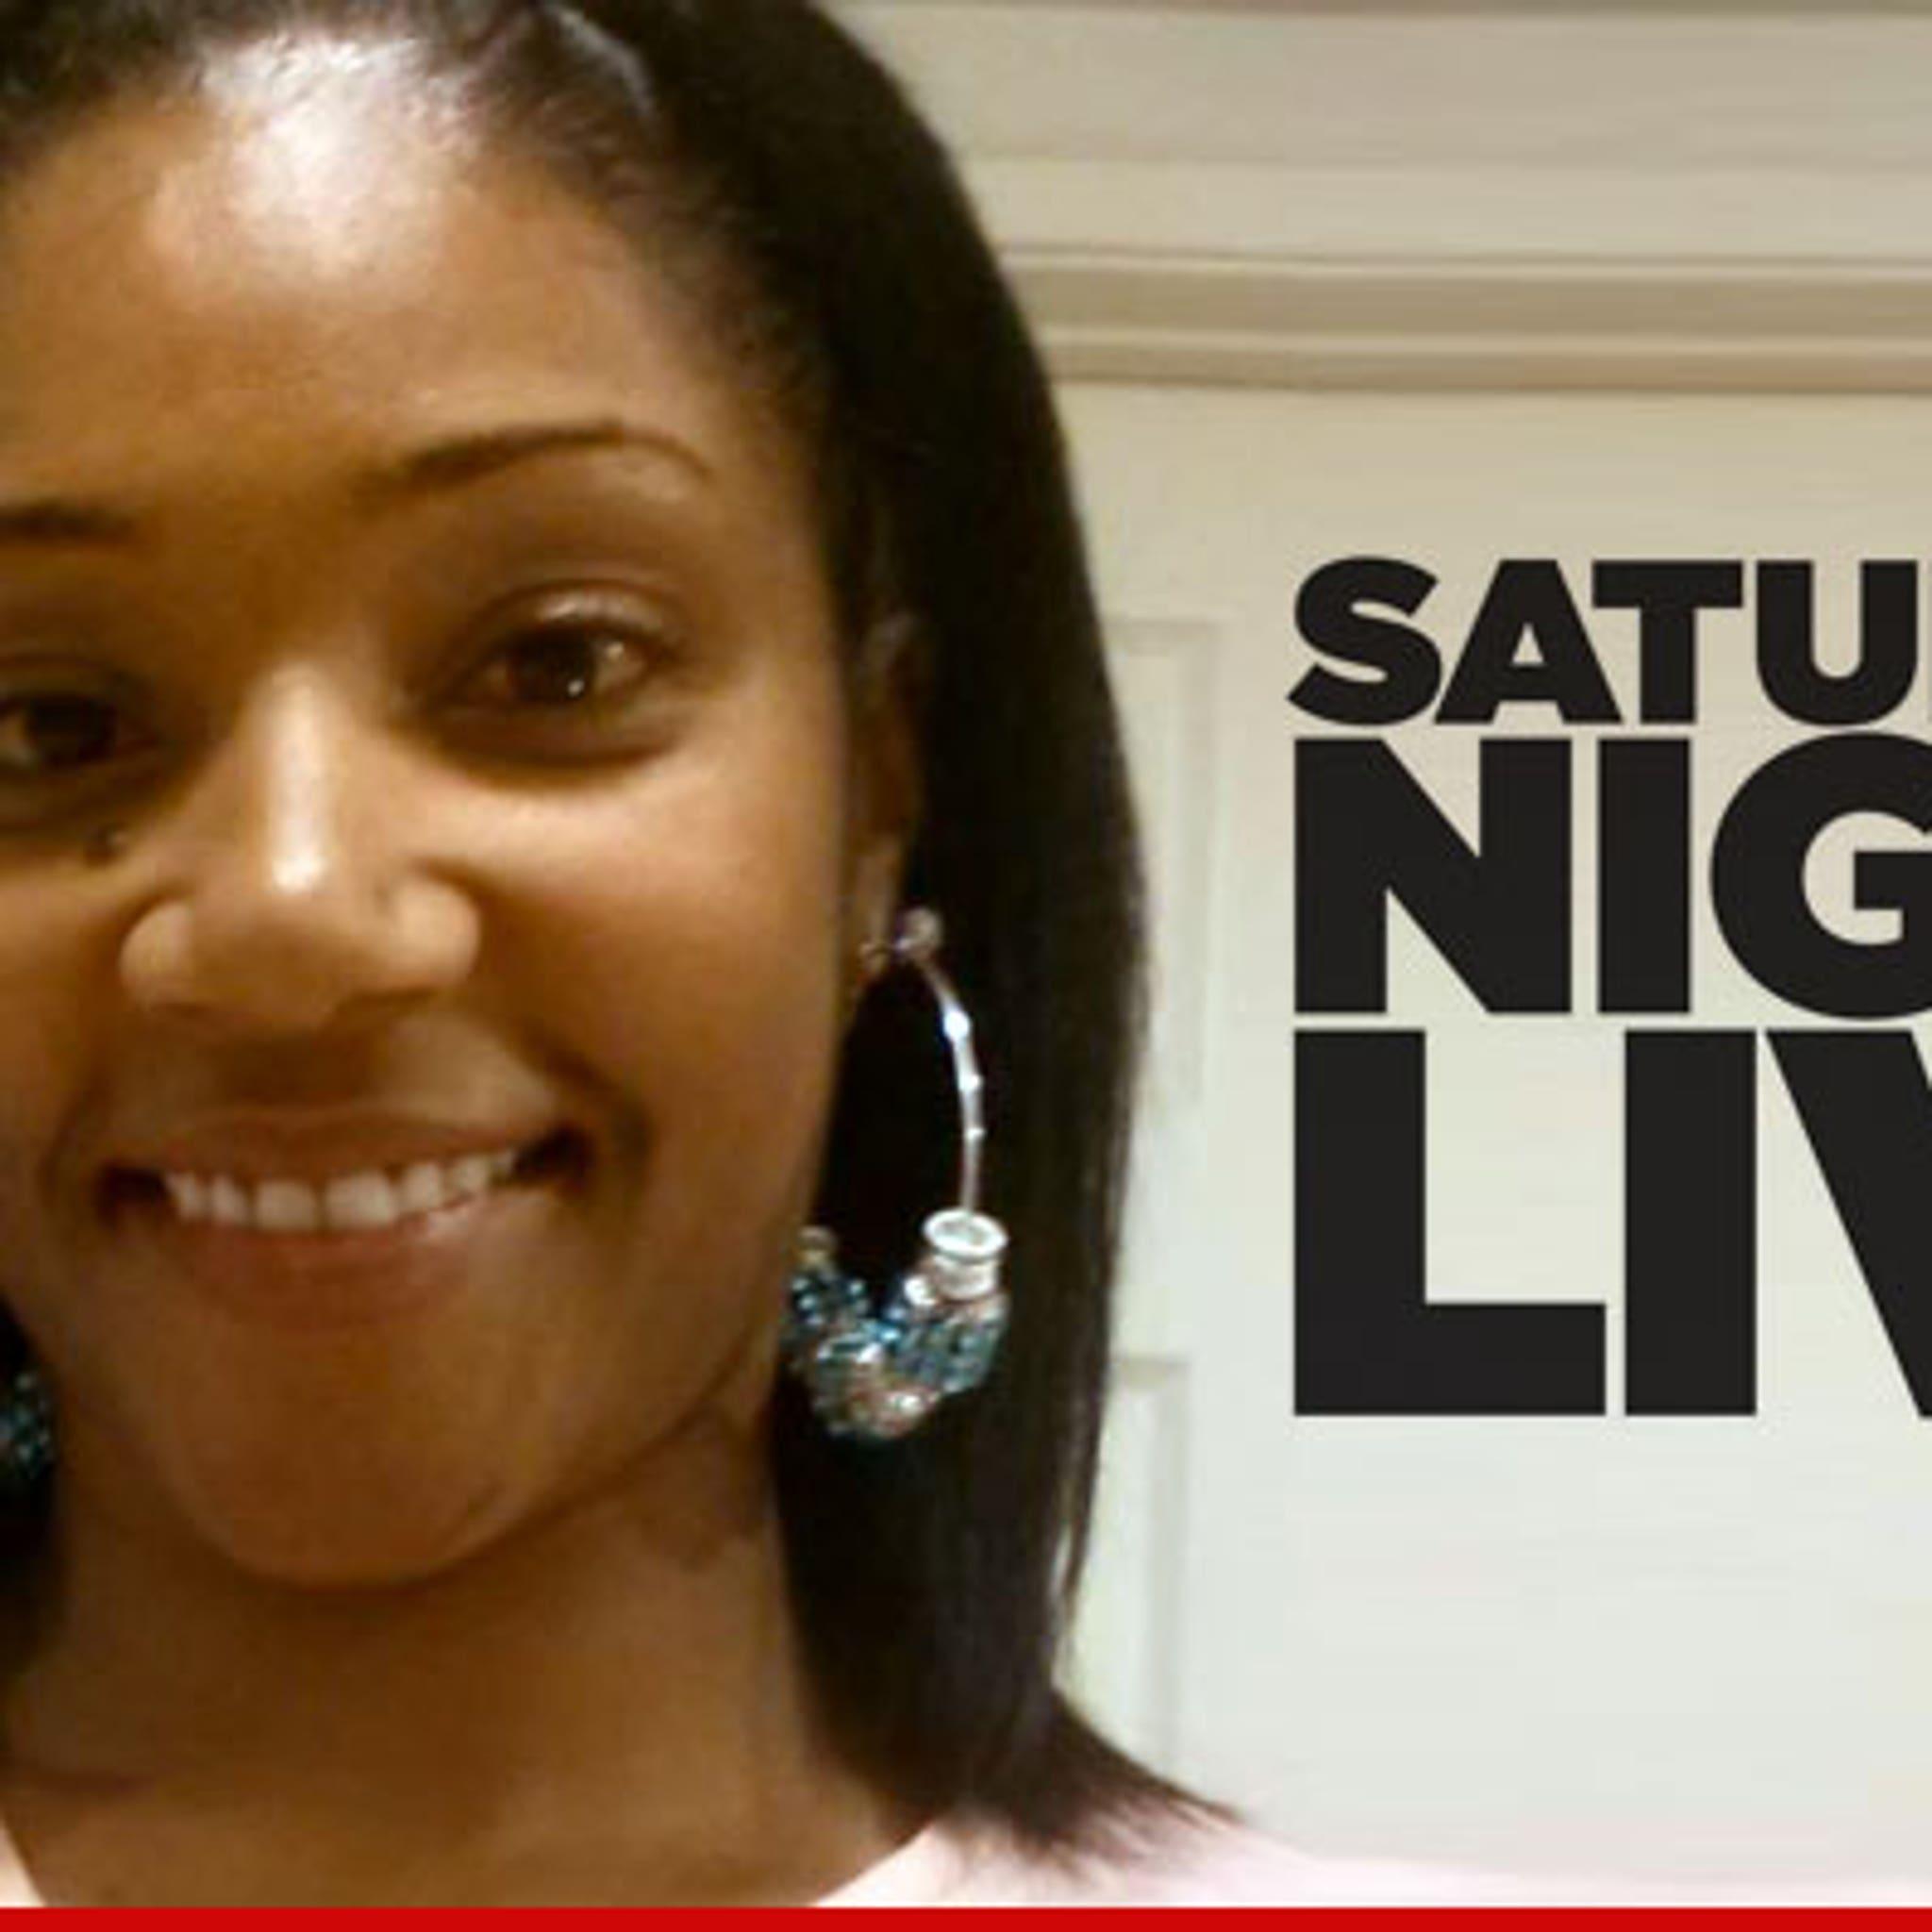 Snl Hopeful Comedian Secret Audition For Black Women Was A